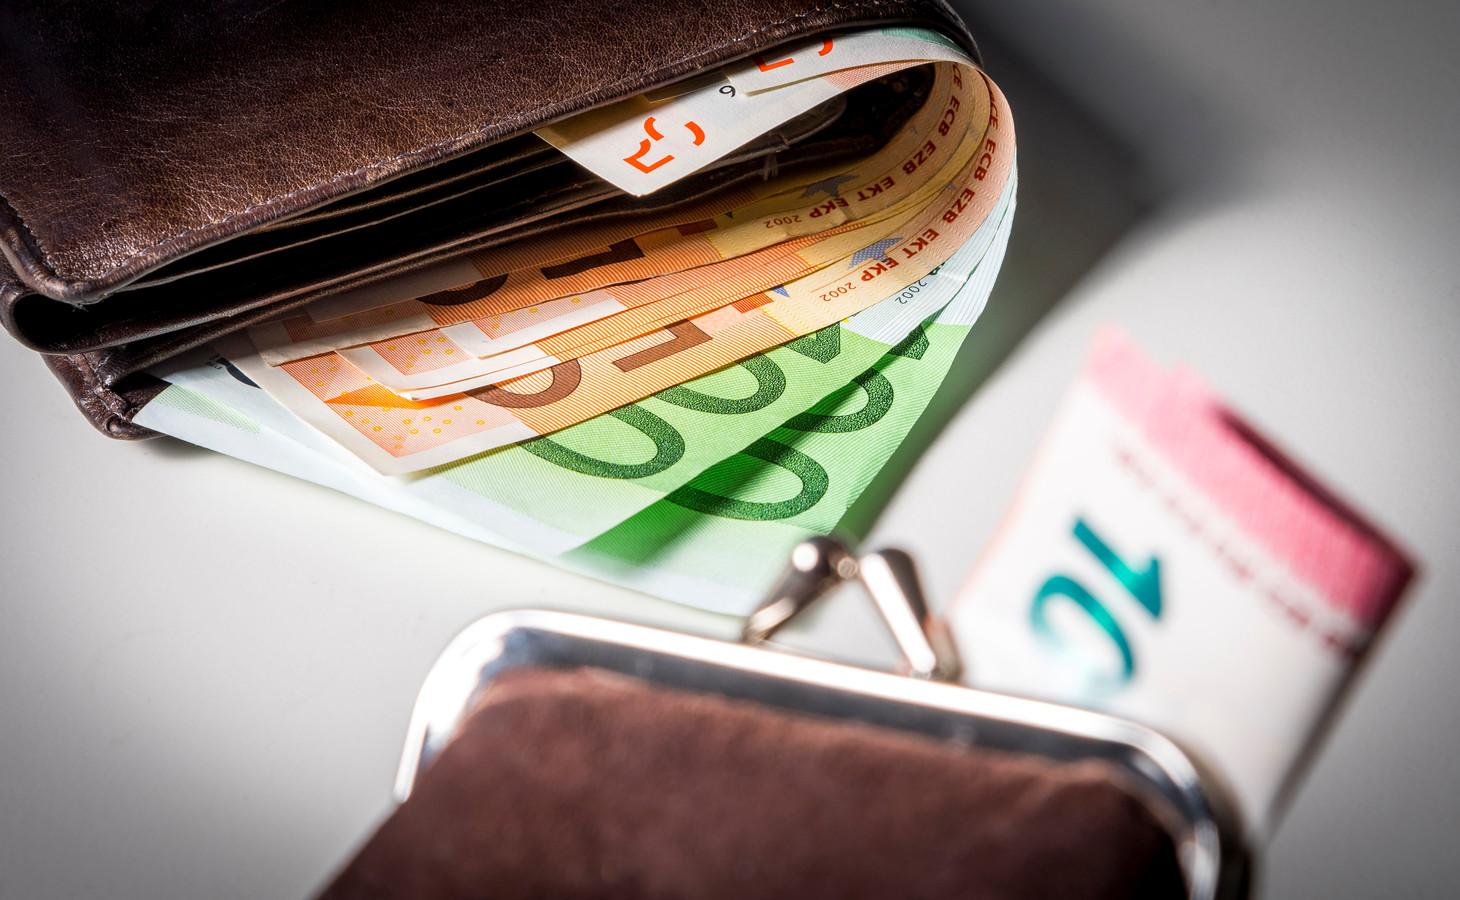 Clubs in Meierijstad moeten nu gewoon de portemonnee trekken voor leges  als ze willen bouwen of uitbreiden. Vergunningen voor evenementen hoeven ze niet te betalen.